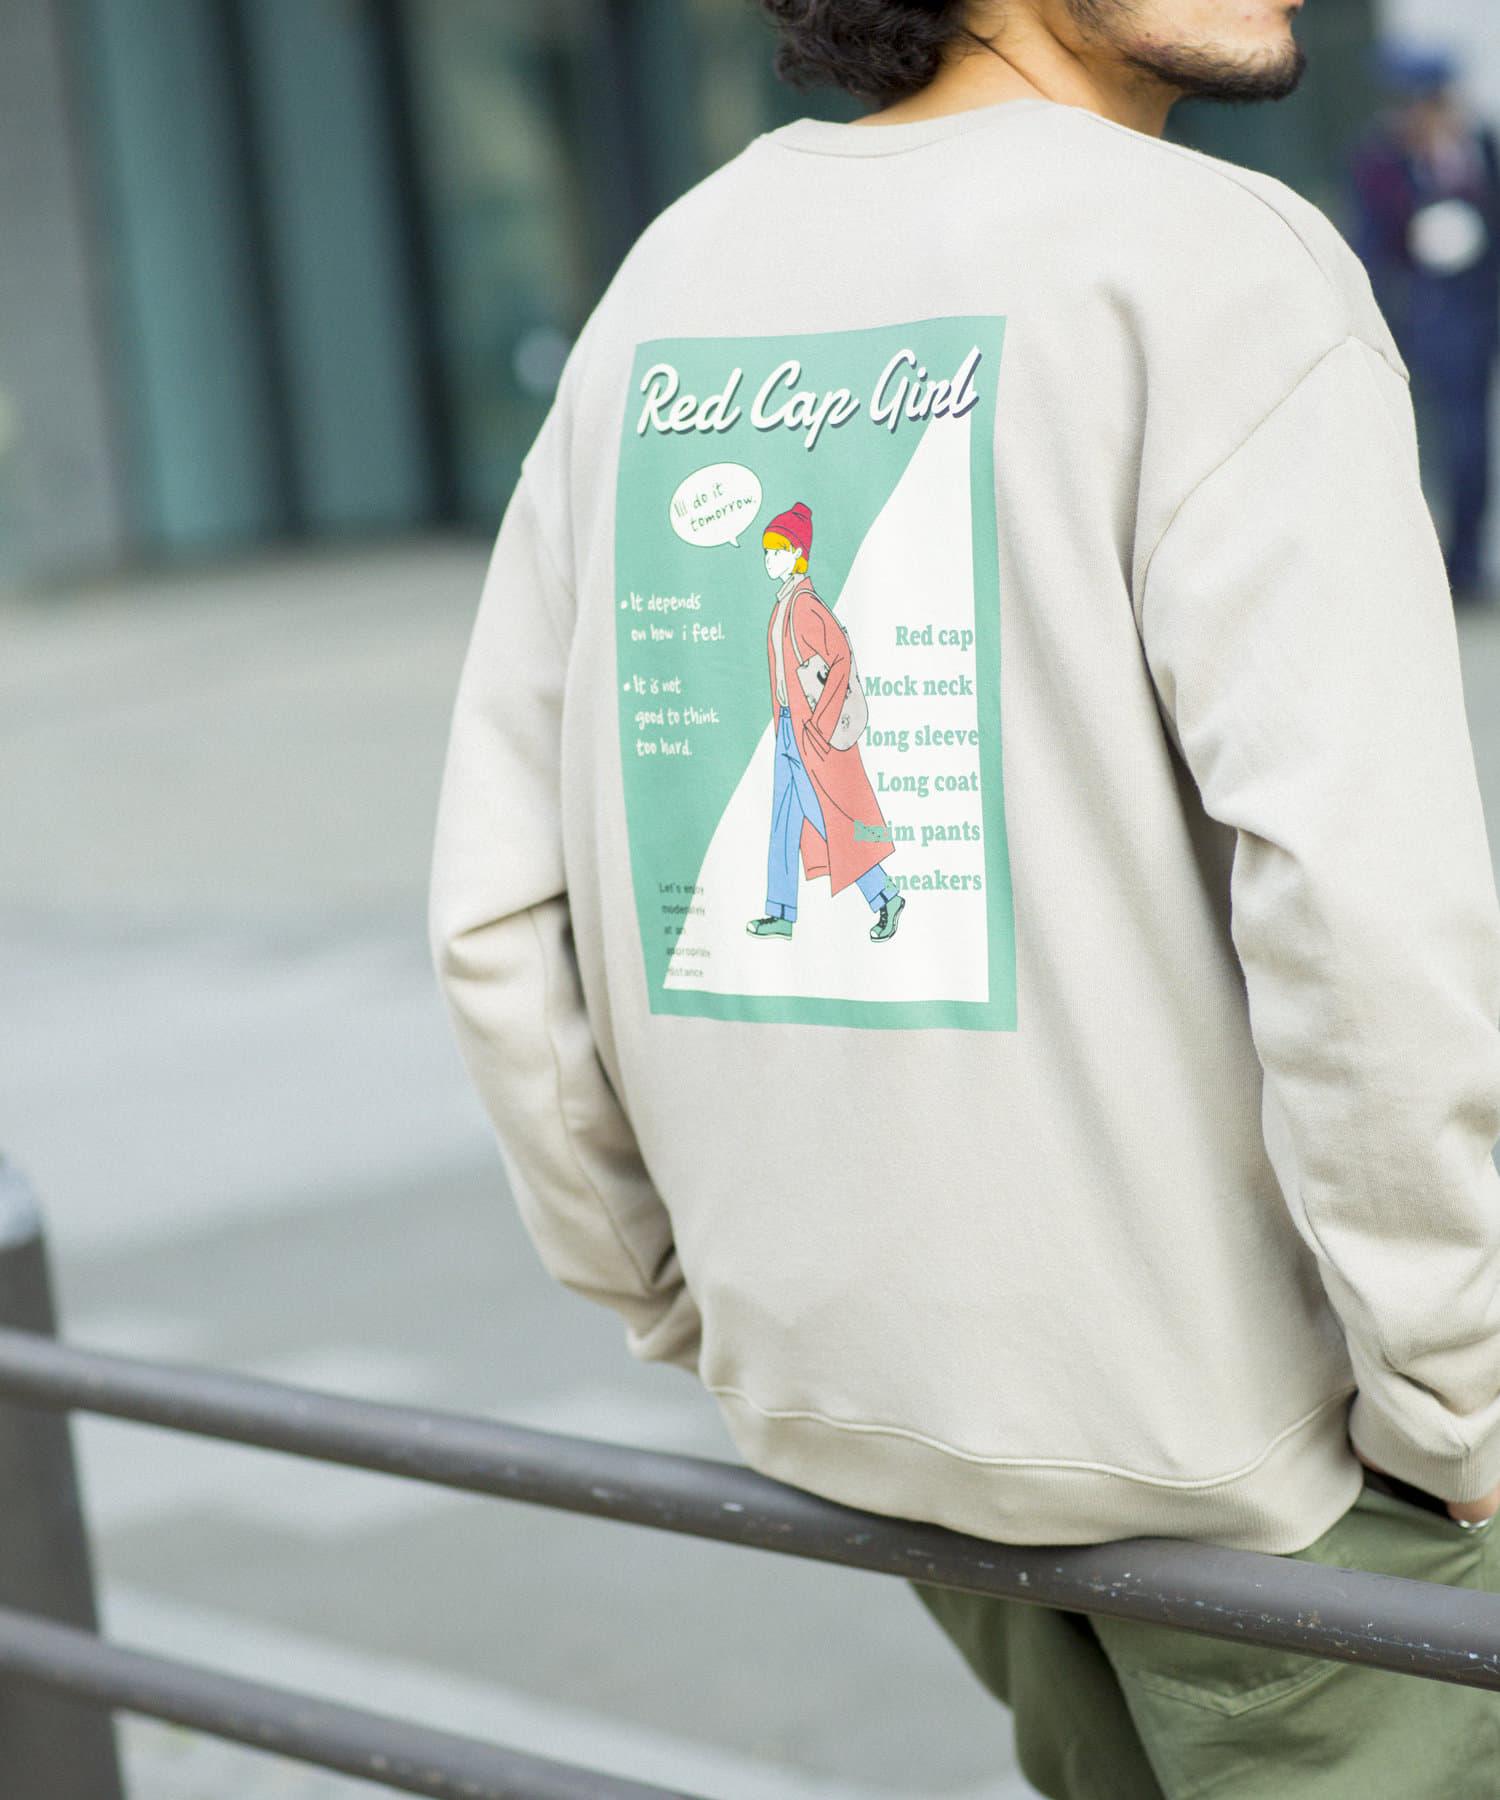 CPCM(シーピーシーエム) 【ユニセックス】ビッグシルエットクルースウェット/イラスト/刺繍/バックプリント